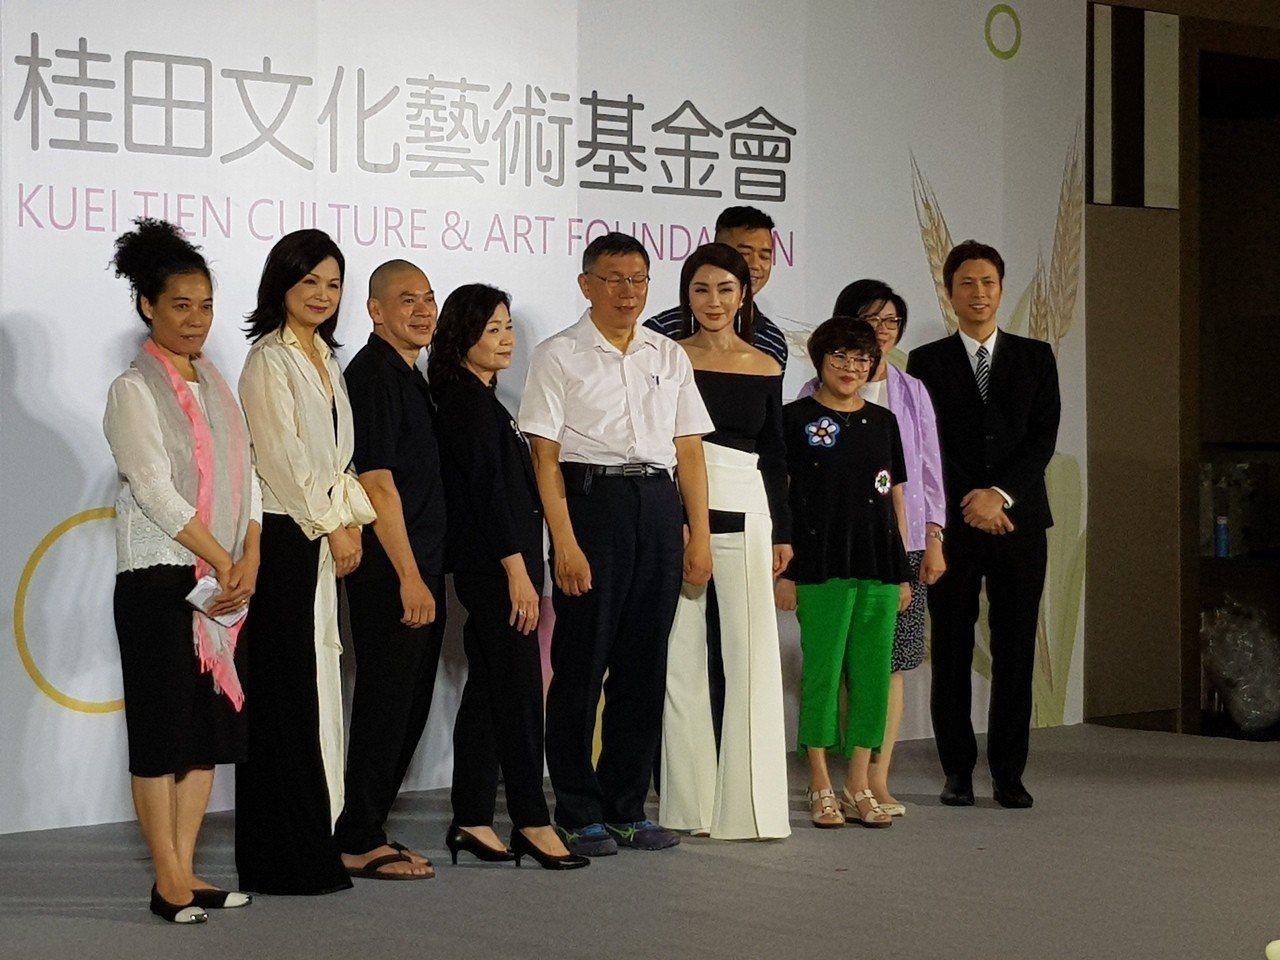 柯文哲今天下午參加財團法人桂田文化藝術基金會舉辦的「基金會創建暨文化藝術新銳創作...